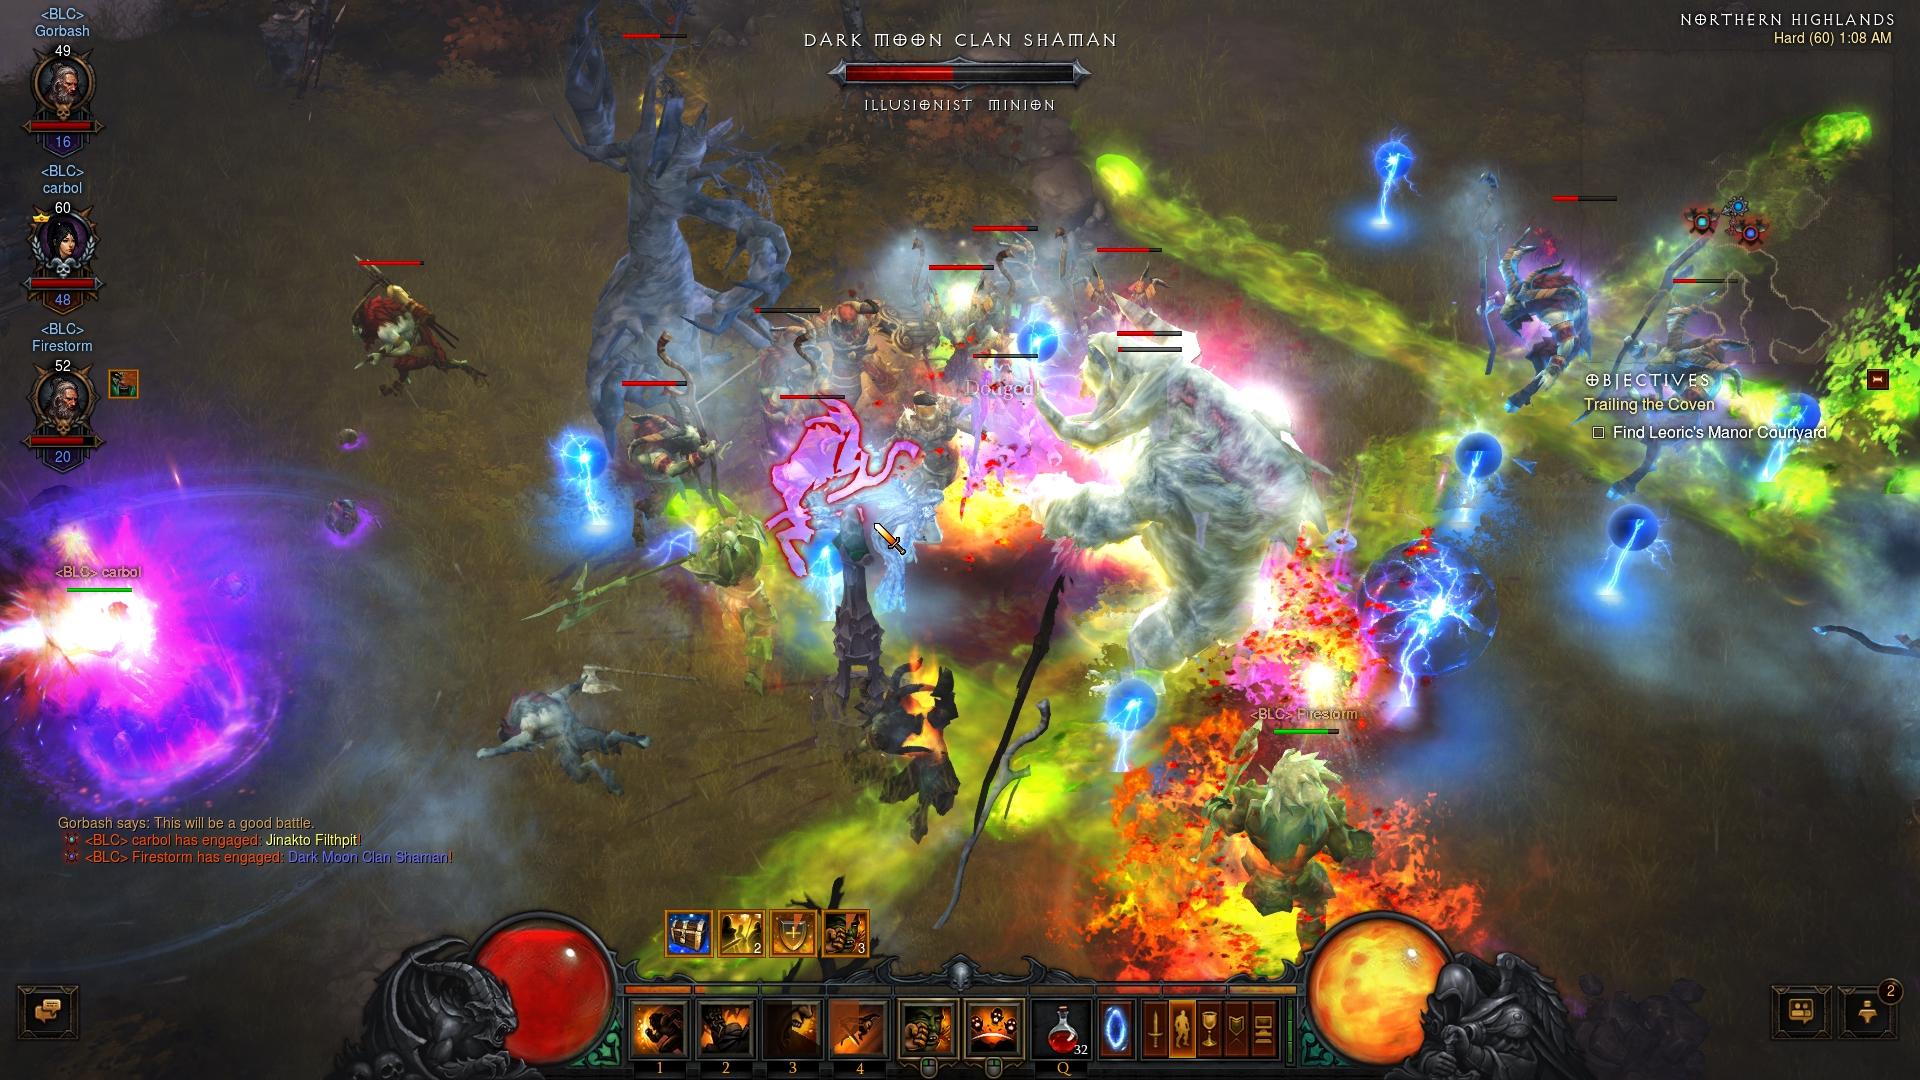 Diablo 3 patch 2.0